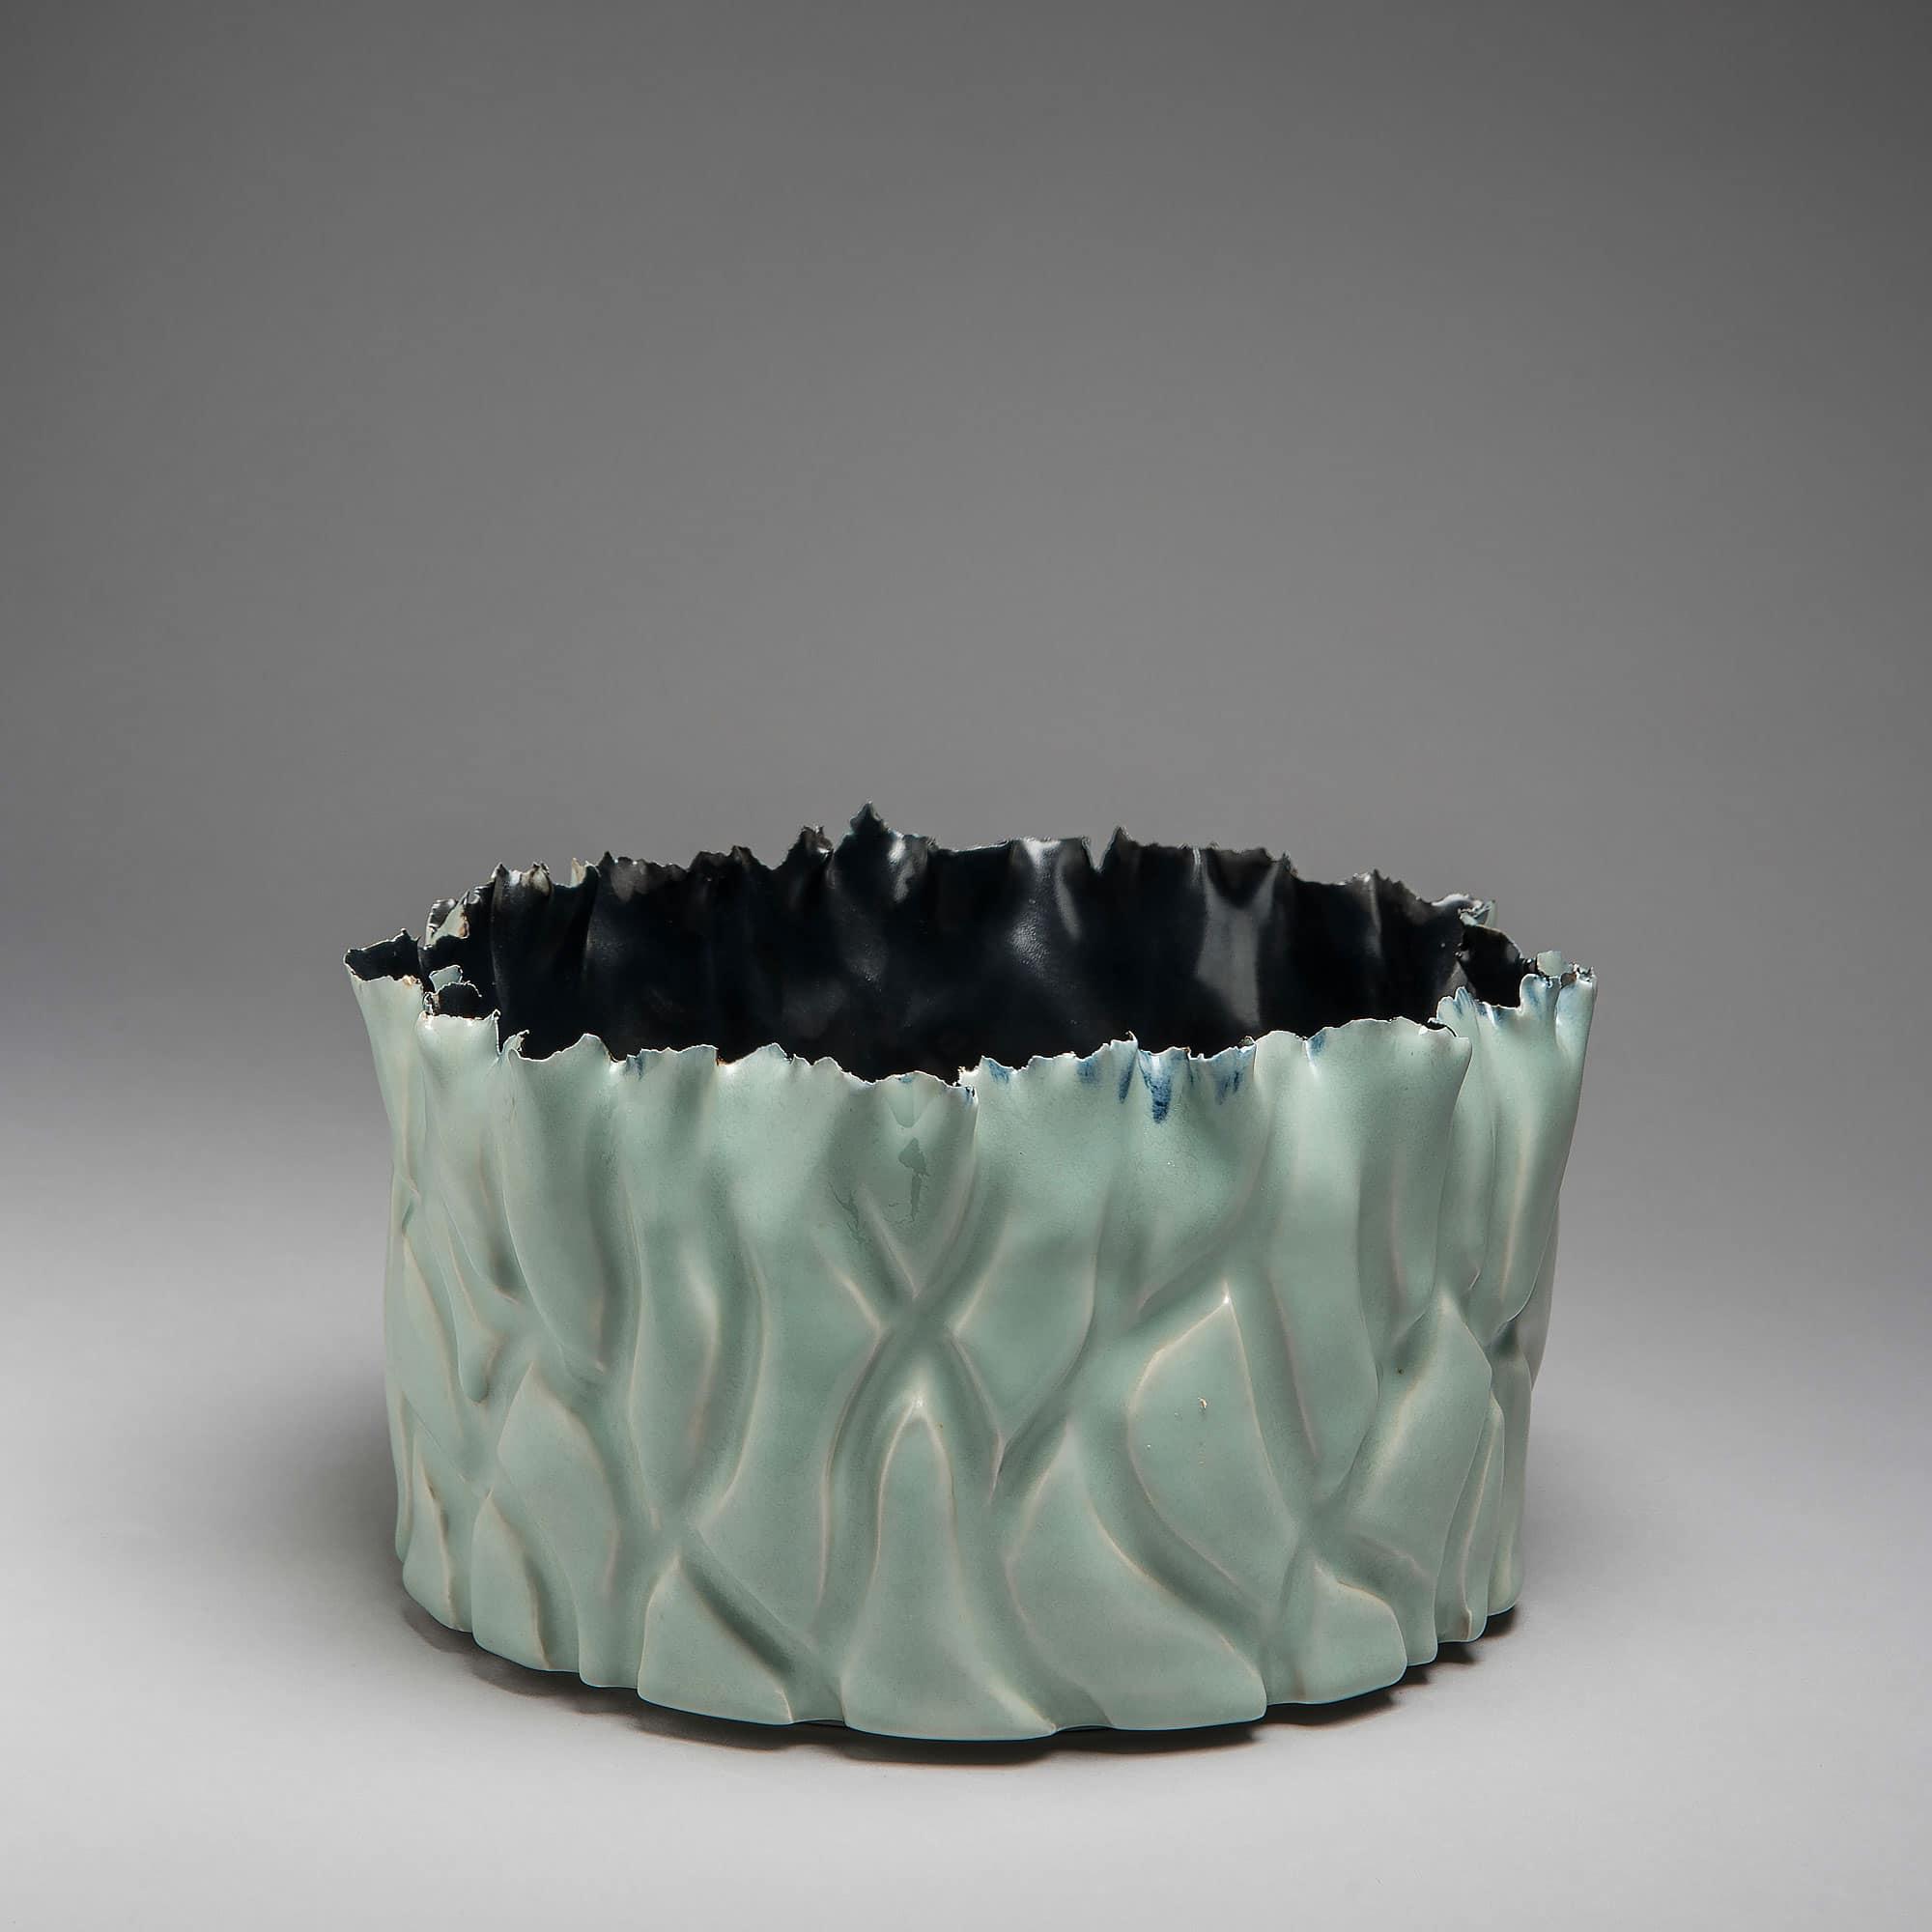 Marie-Laure Guerrier, bassin en porcelaine émaillée 2